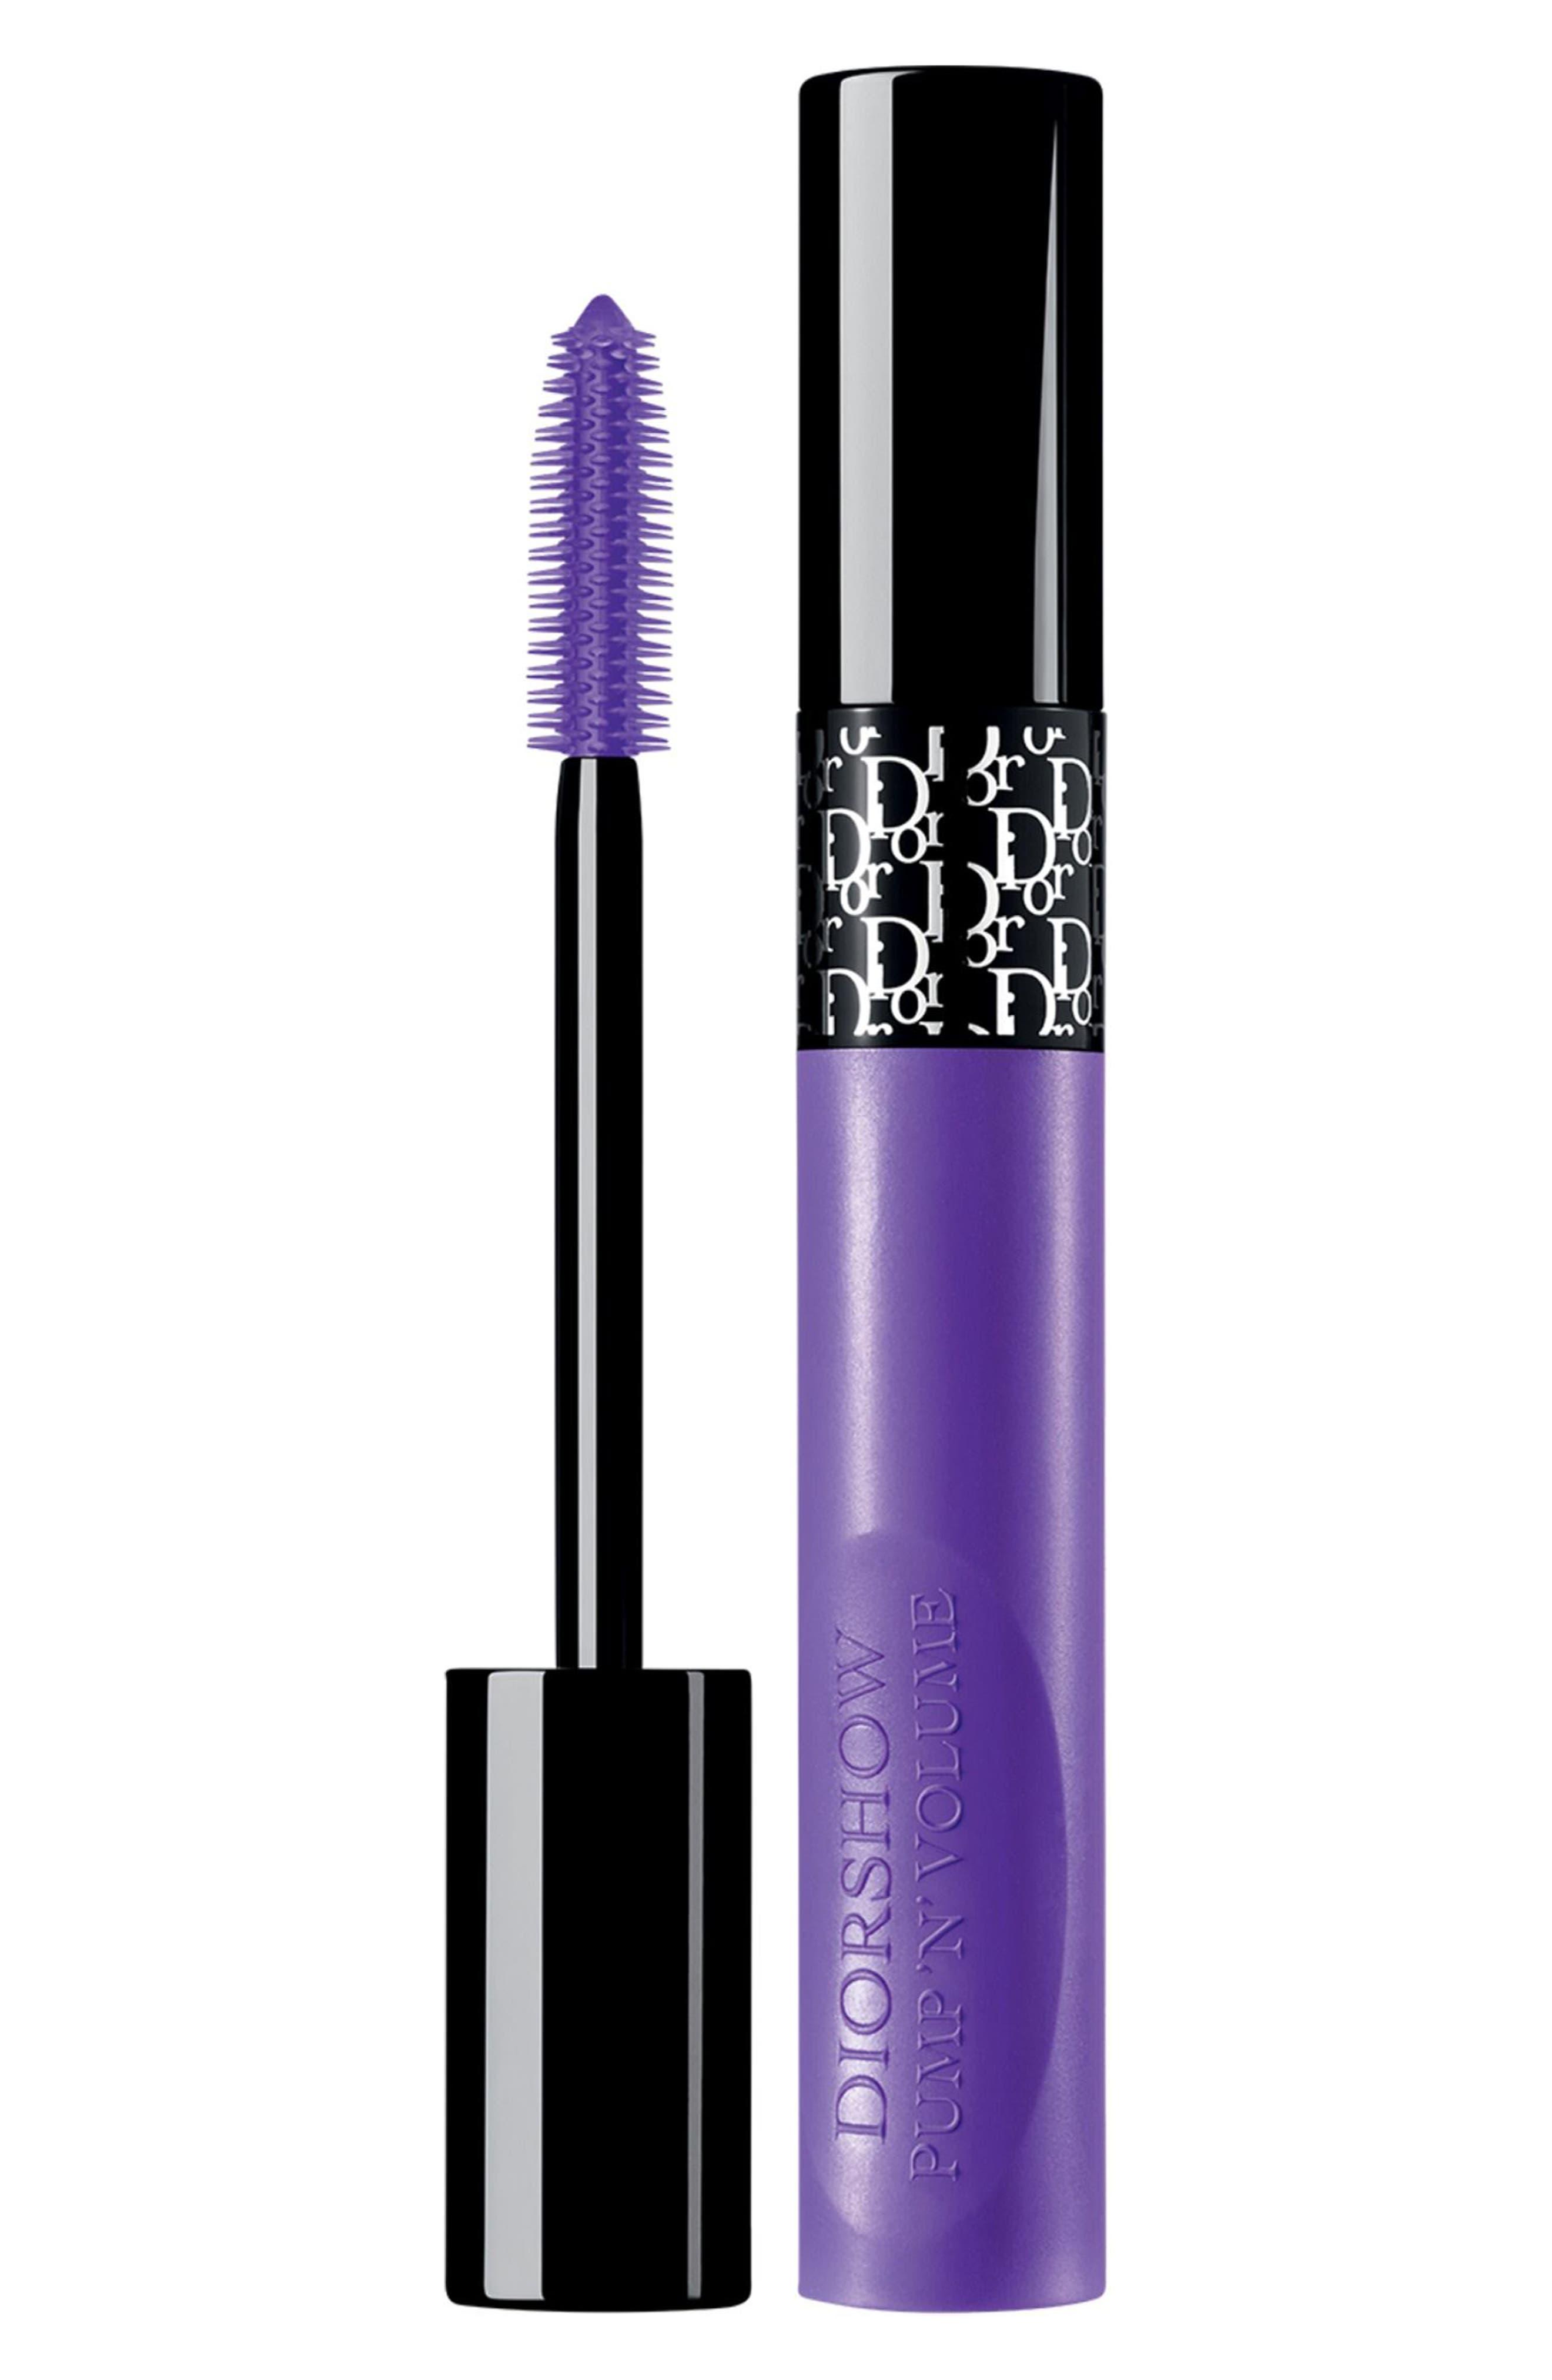 Dior Diorshow Pump N Volume Mascara - 160 Purple Pump